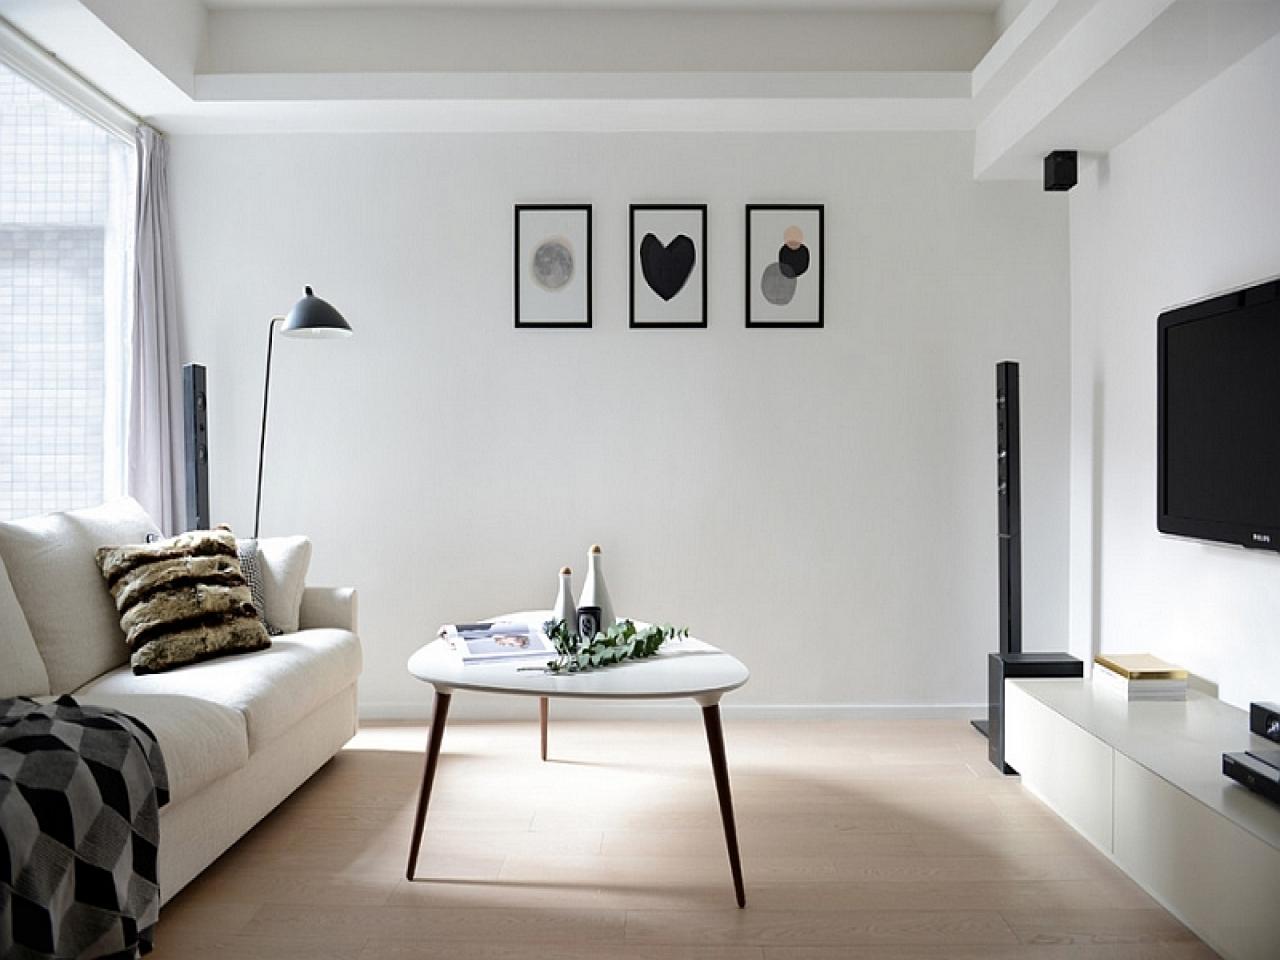 Interior Design Ideas Amazing P O P Plaster Of Paris